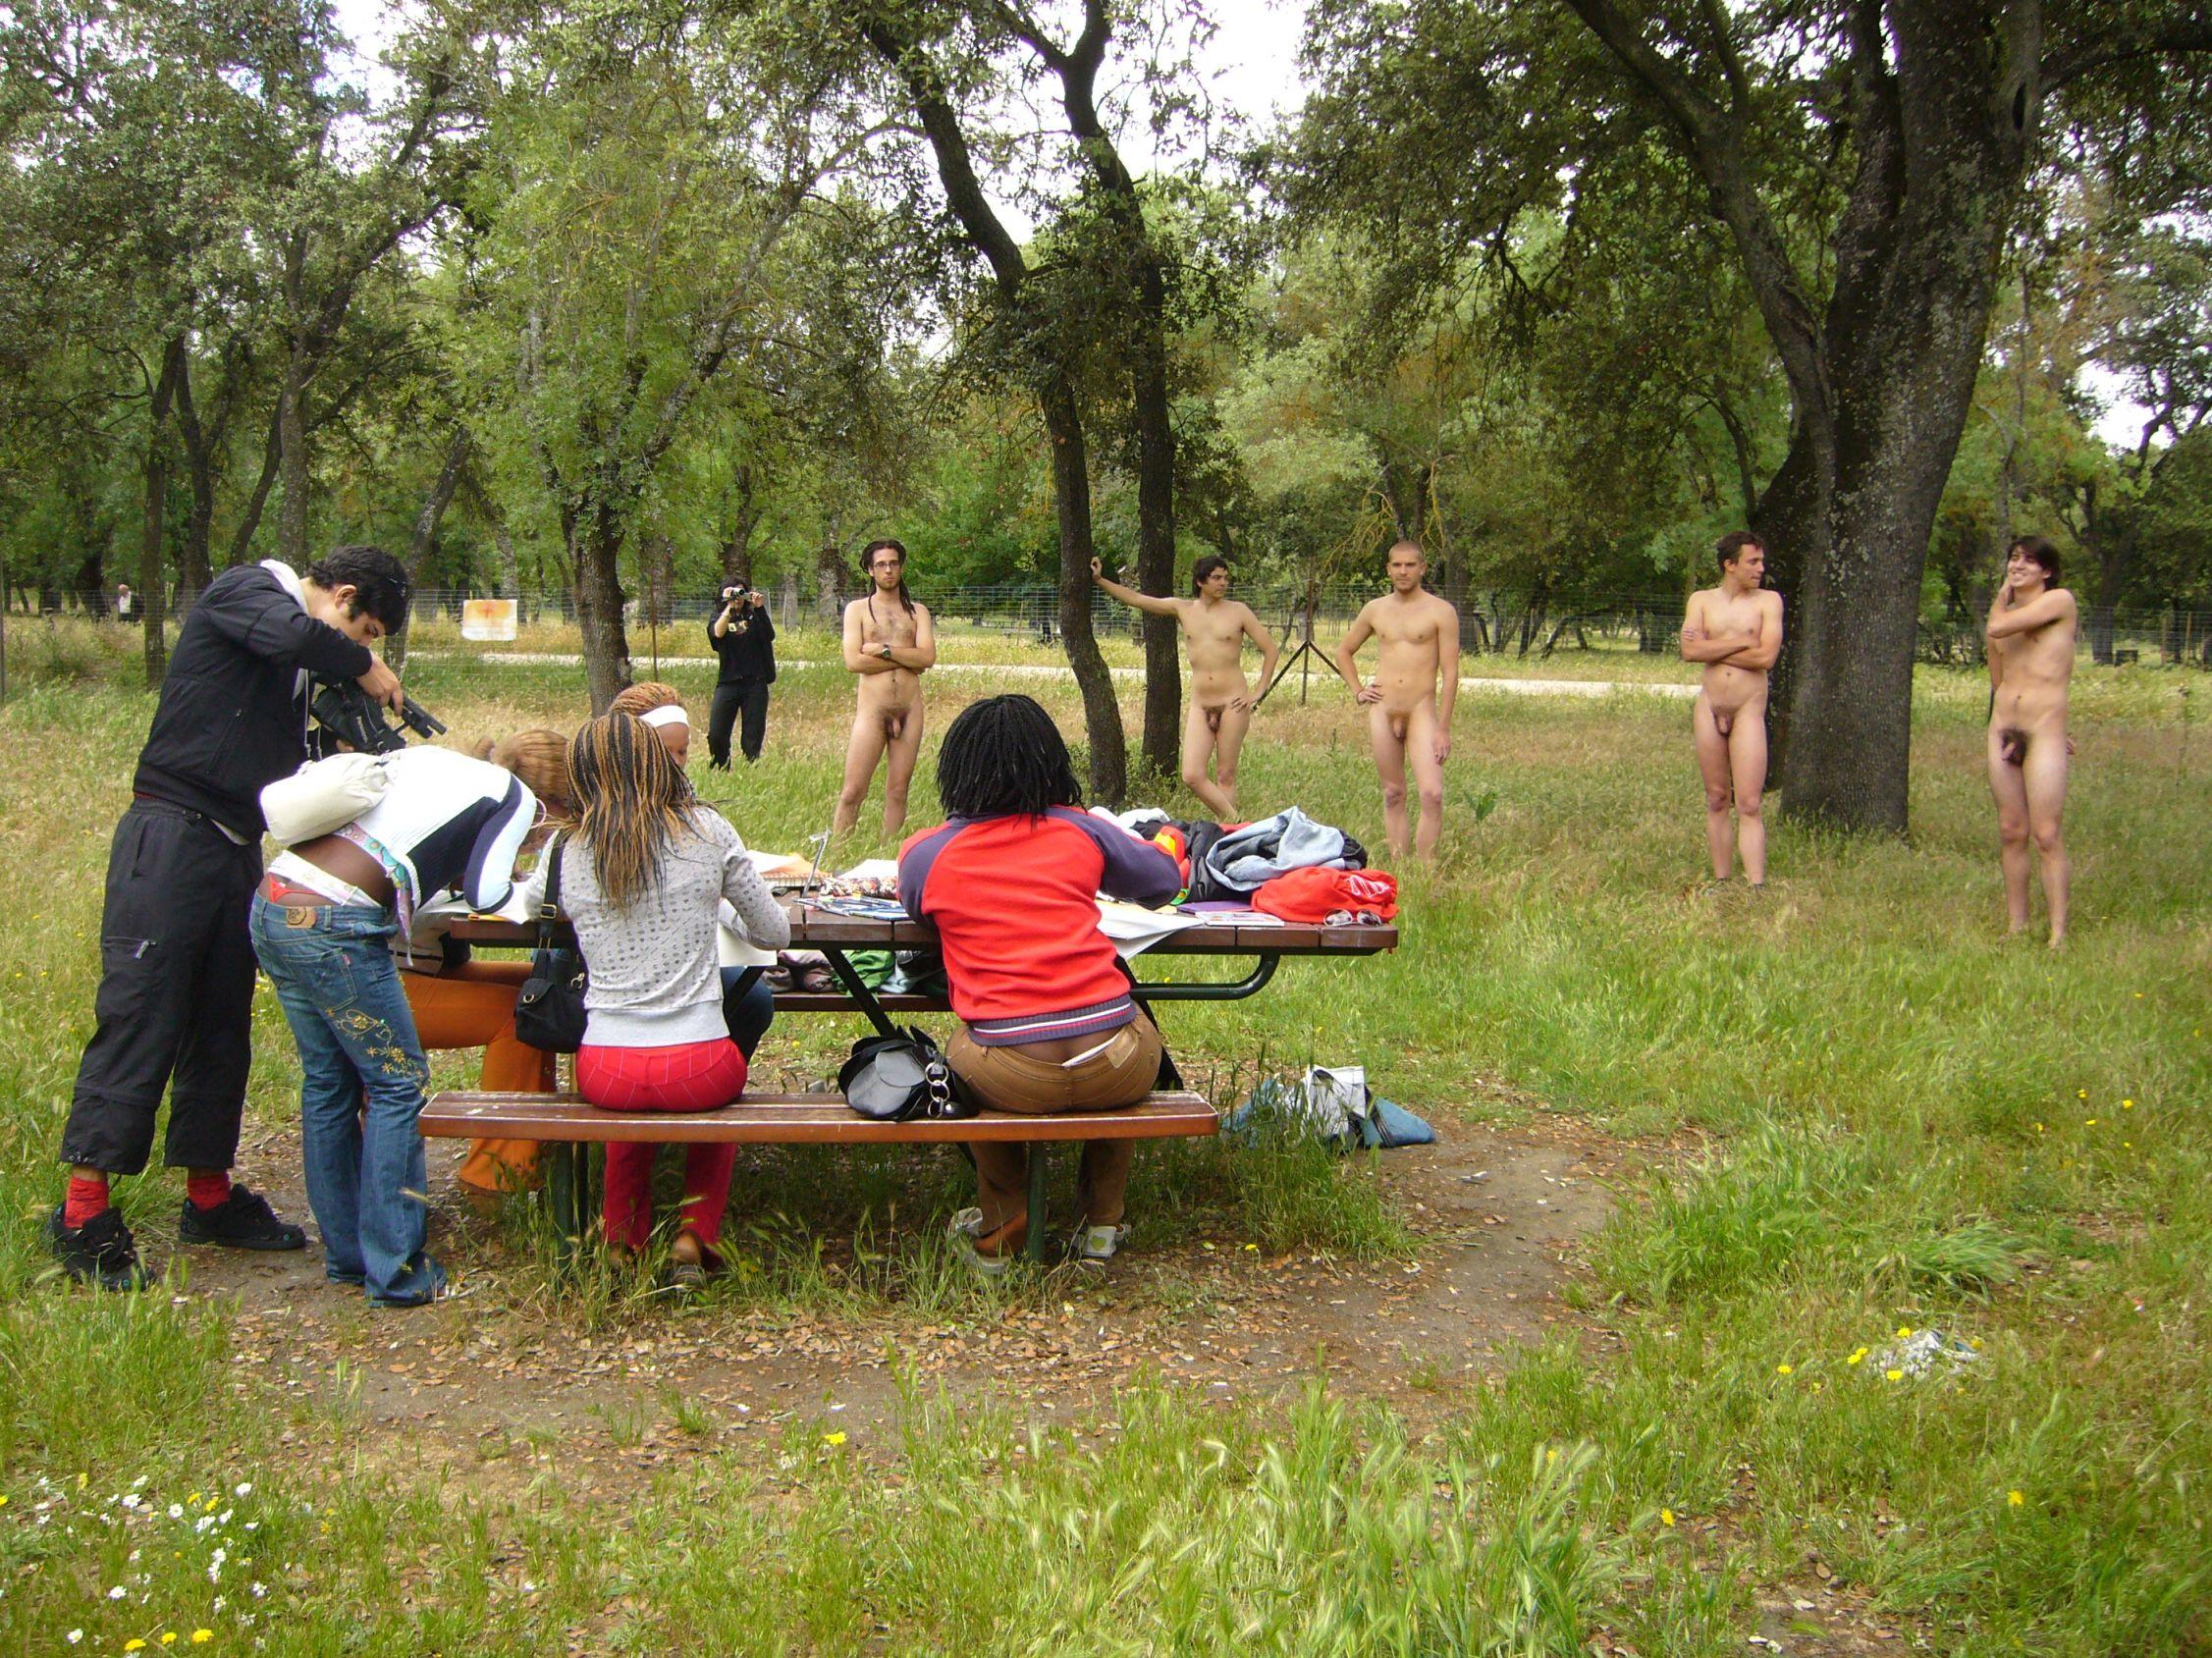 Desnudos. (2008) - Elgatoconmoscas